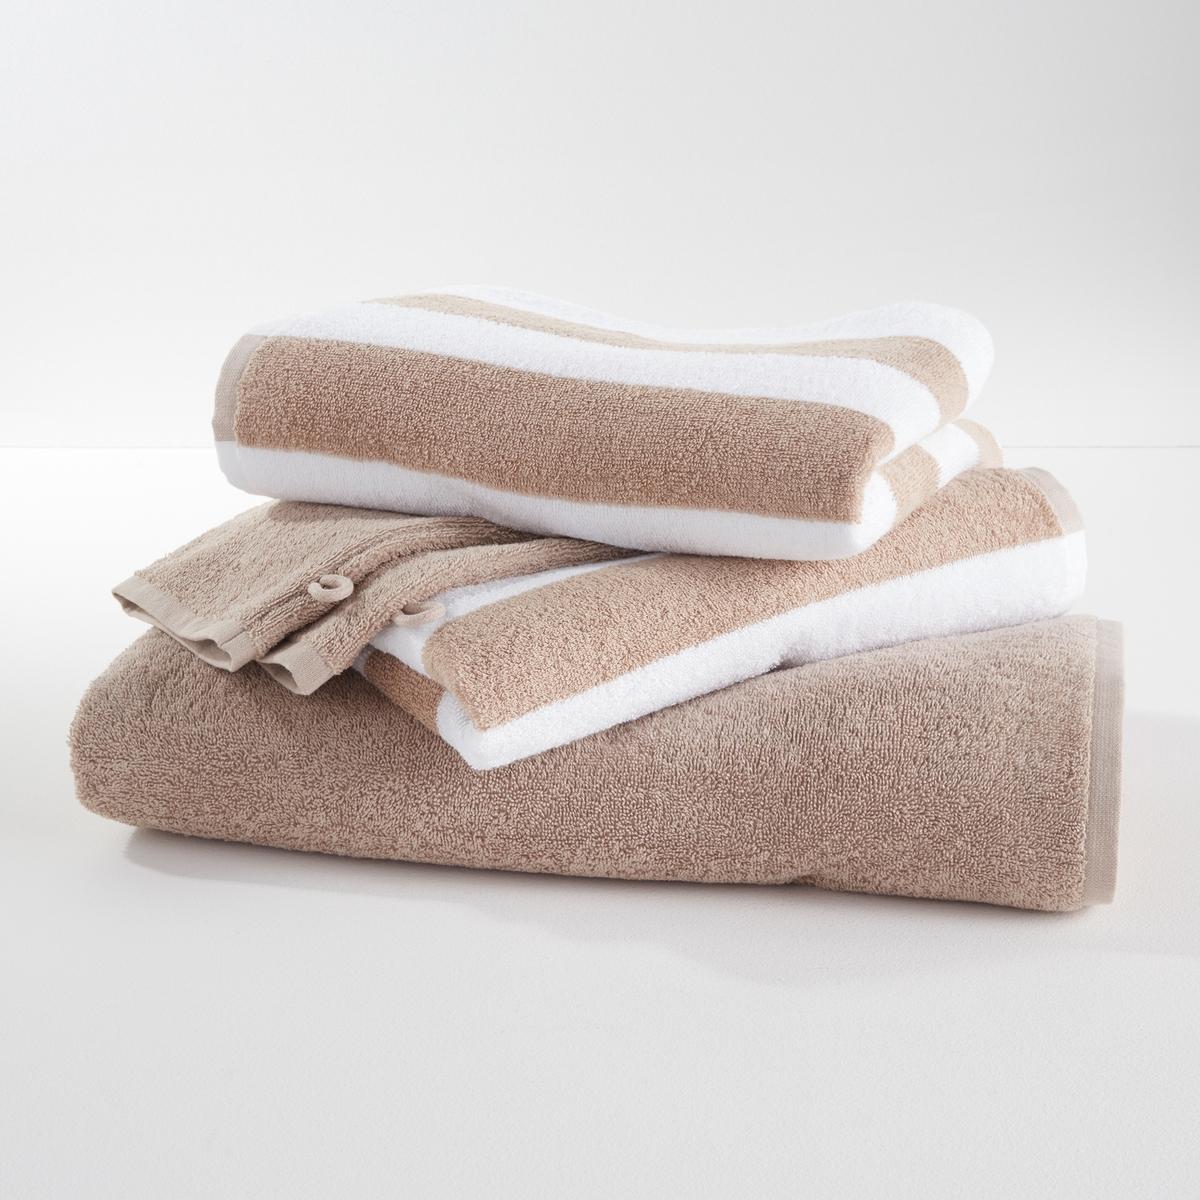 Комплект из предметов из La Redoute Махровой ткани гм единый размер бежевый наволочка la redoute flooch 50 x 30 см бежевый